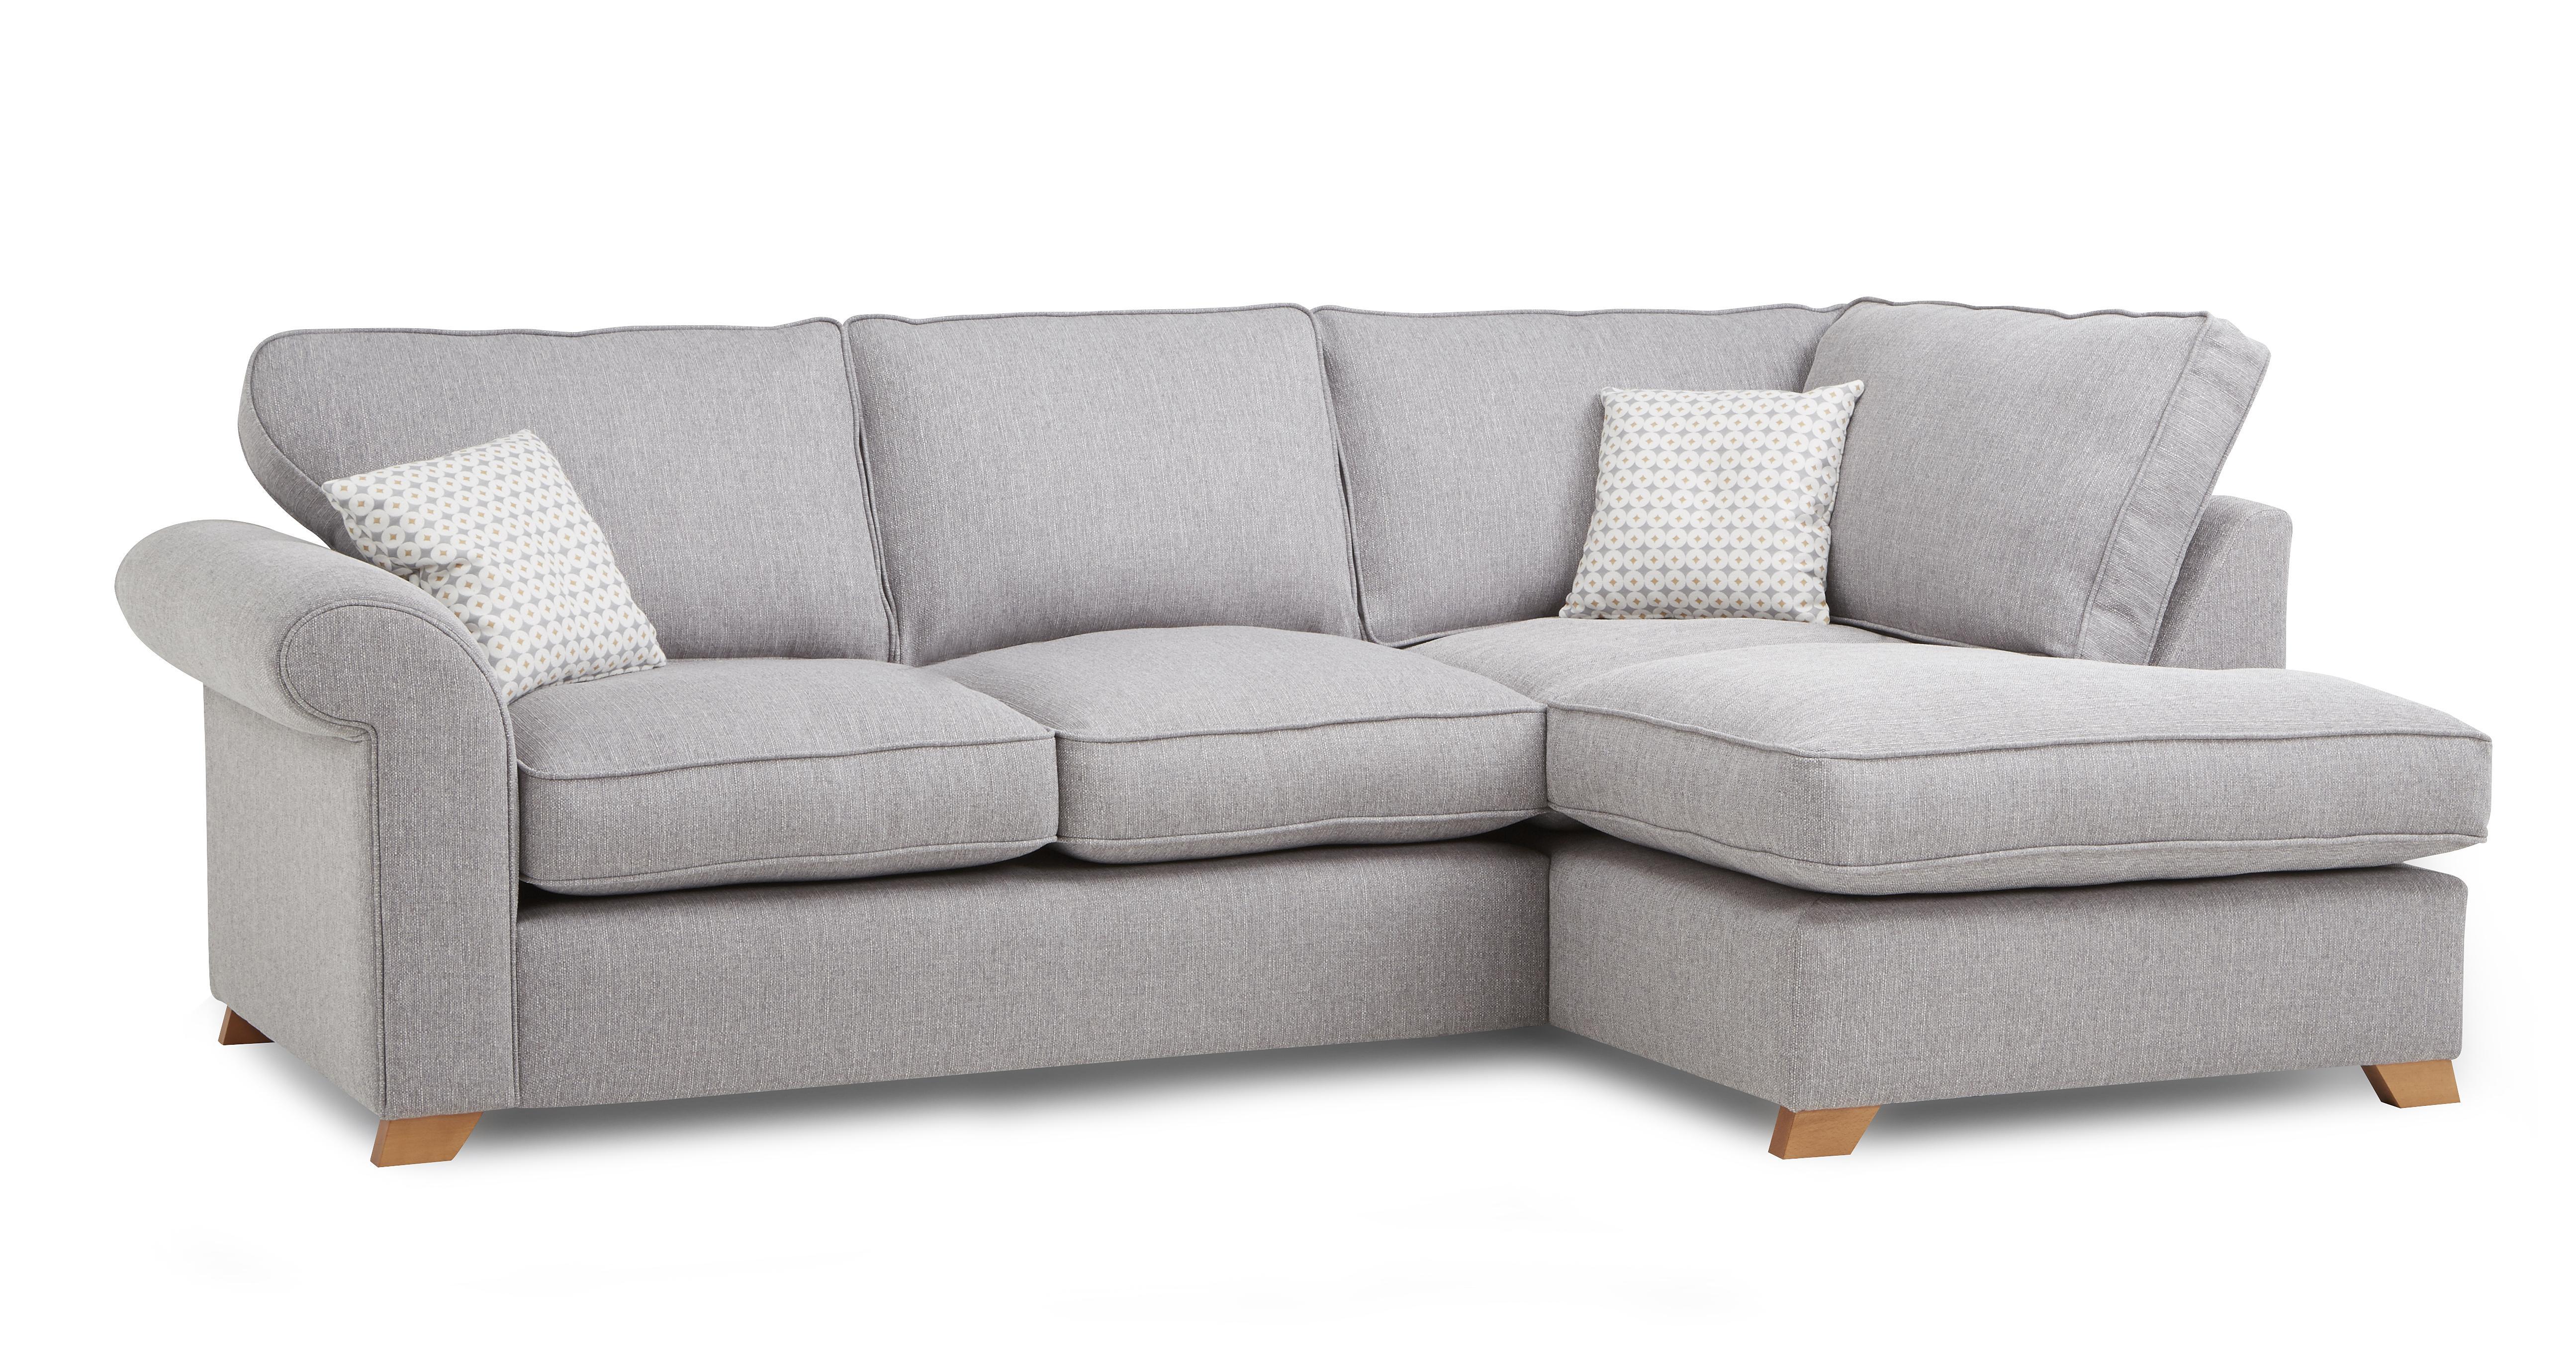 Angelic Left Arm Facing Corner Deluxe Sofa Bed DFS